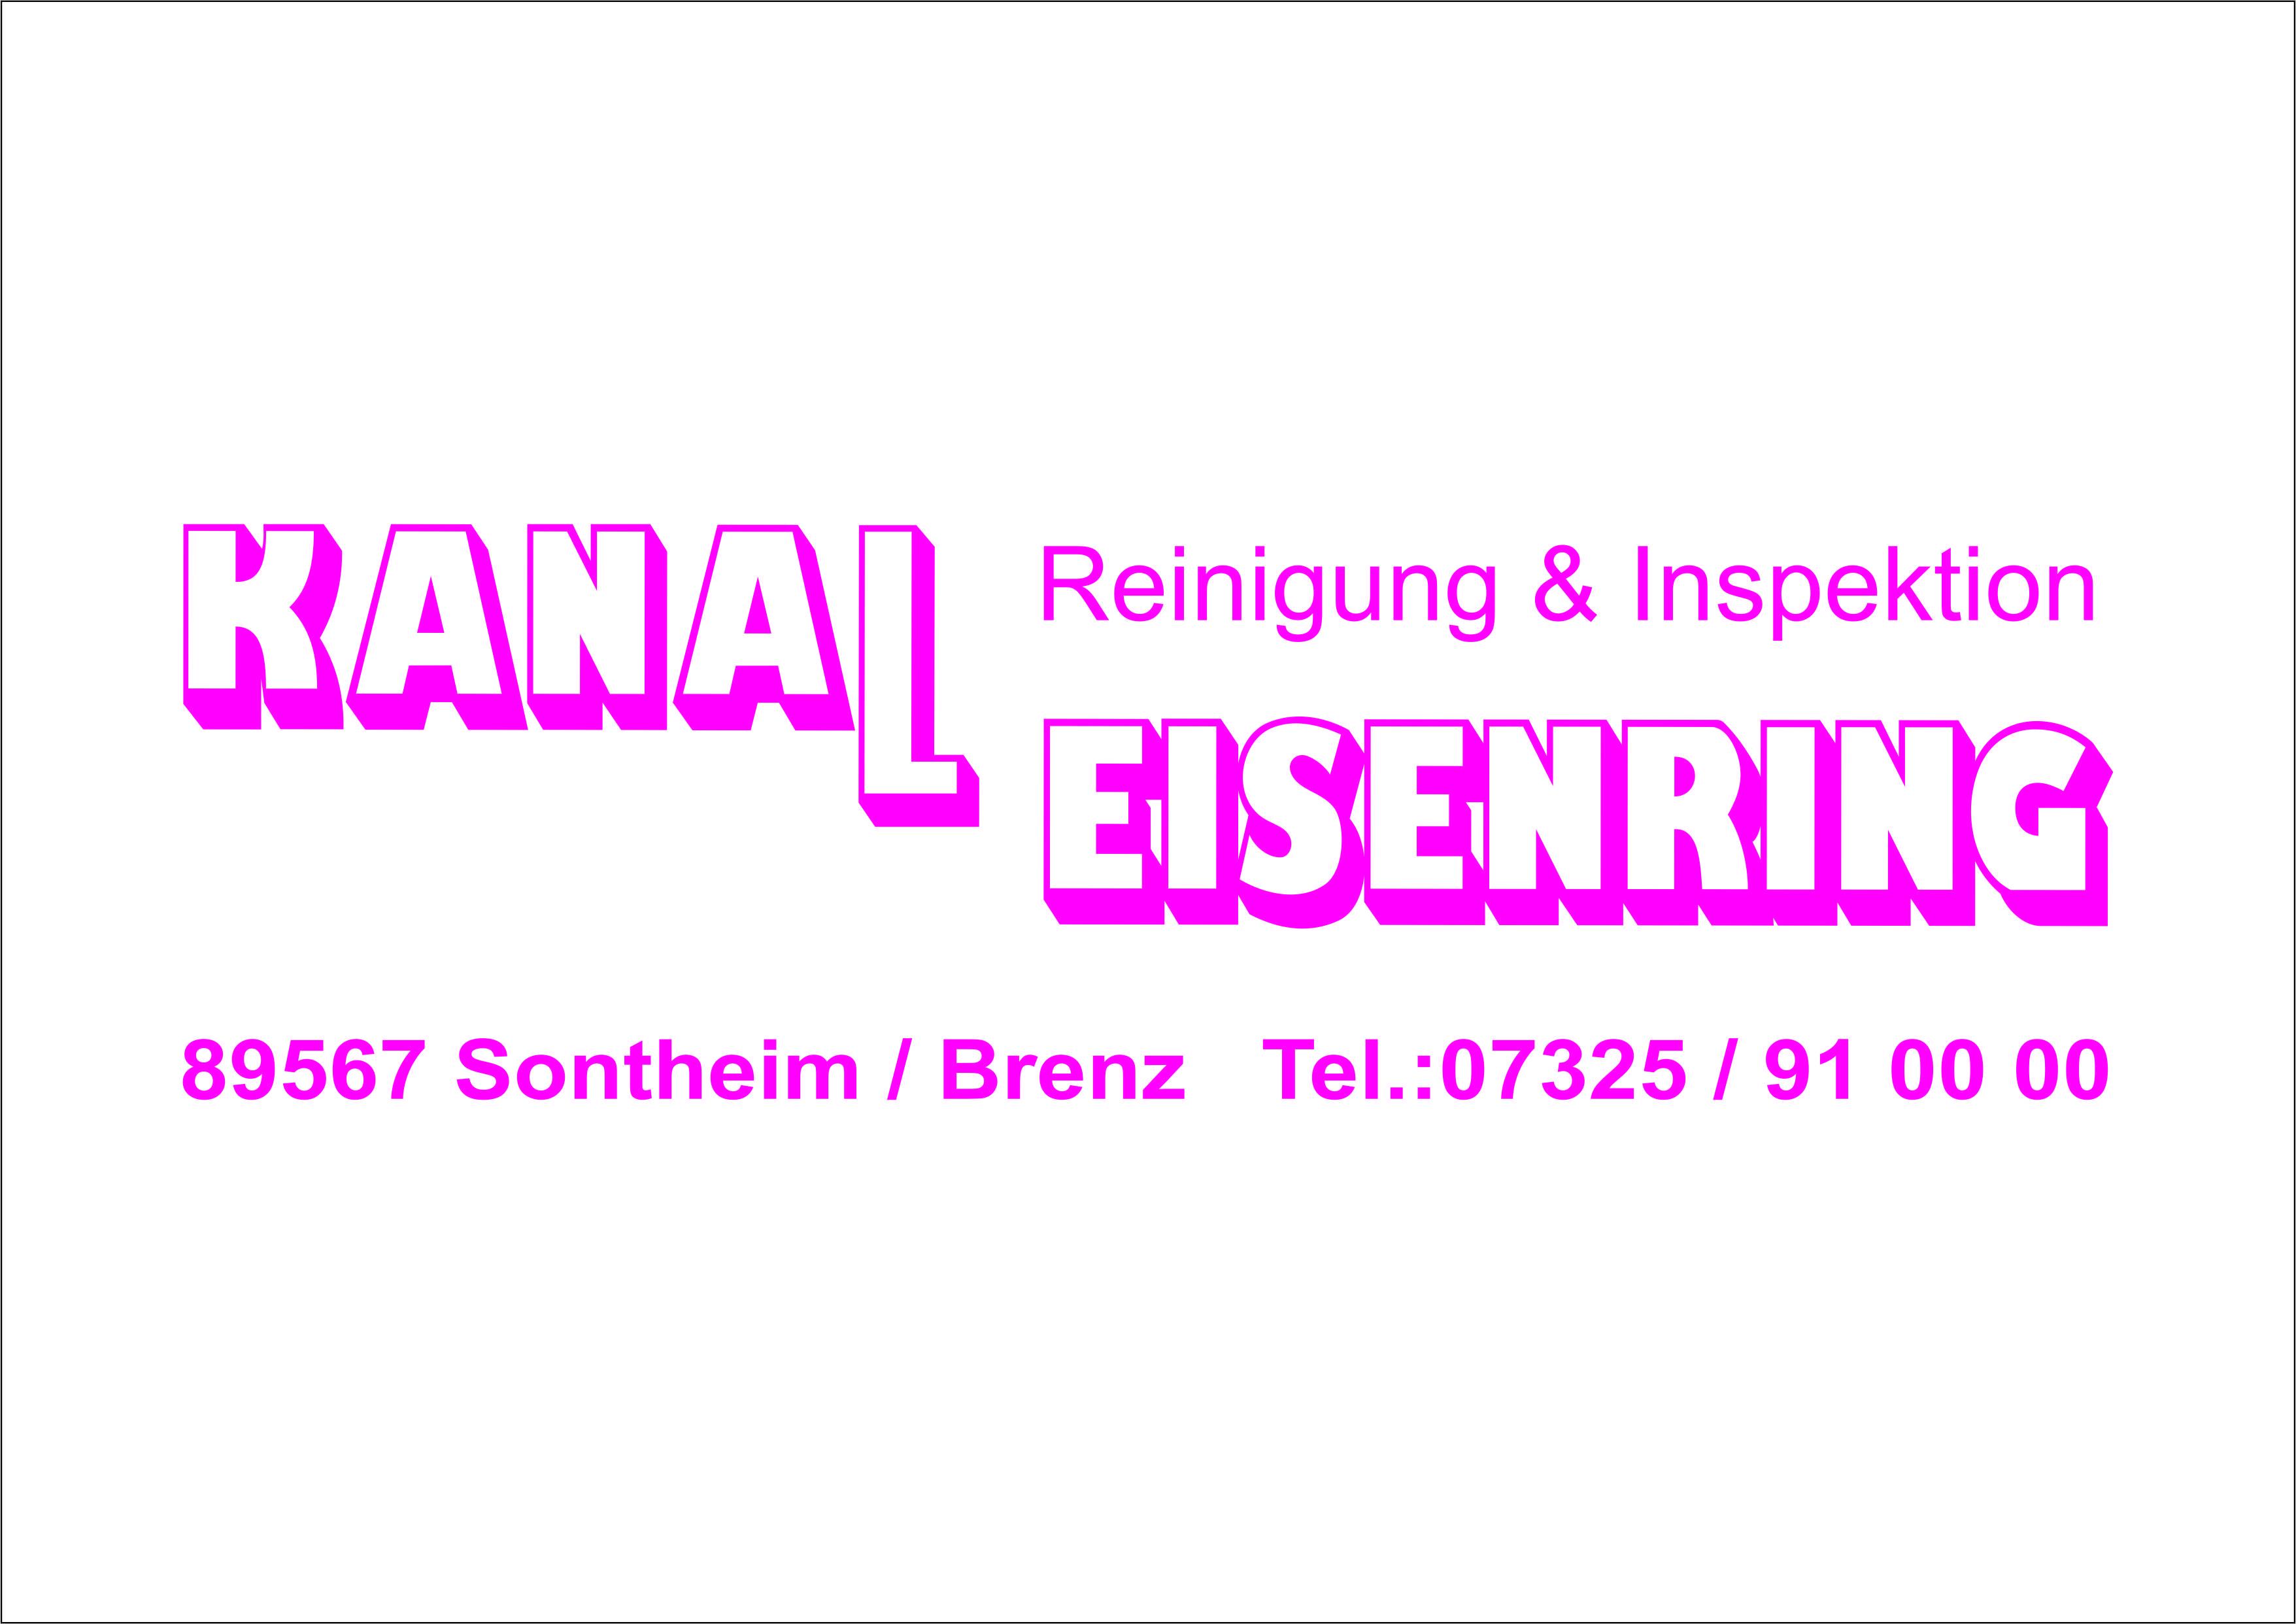 Kanal Eisenring